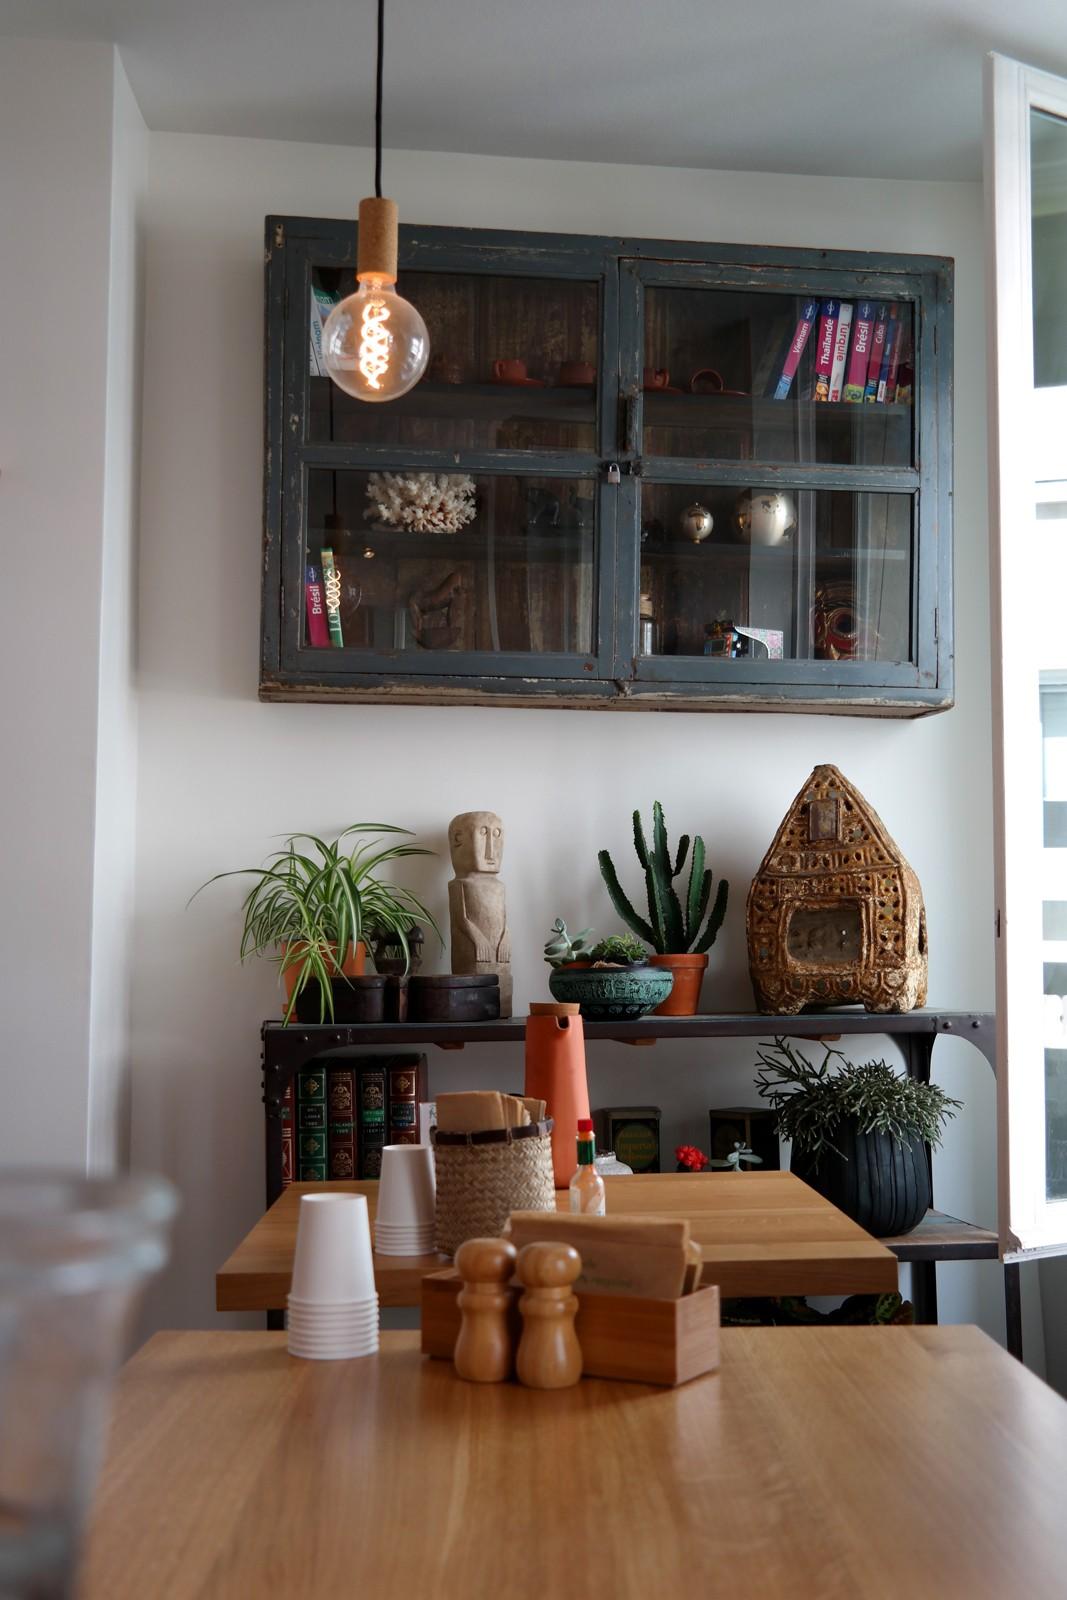 Rice Trotters restaurant plats de riz décoration intérieur inspiration voyages photo by united states of paris blog